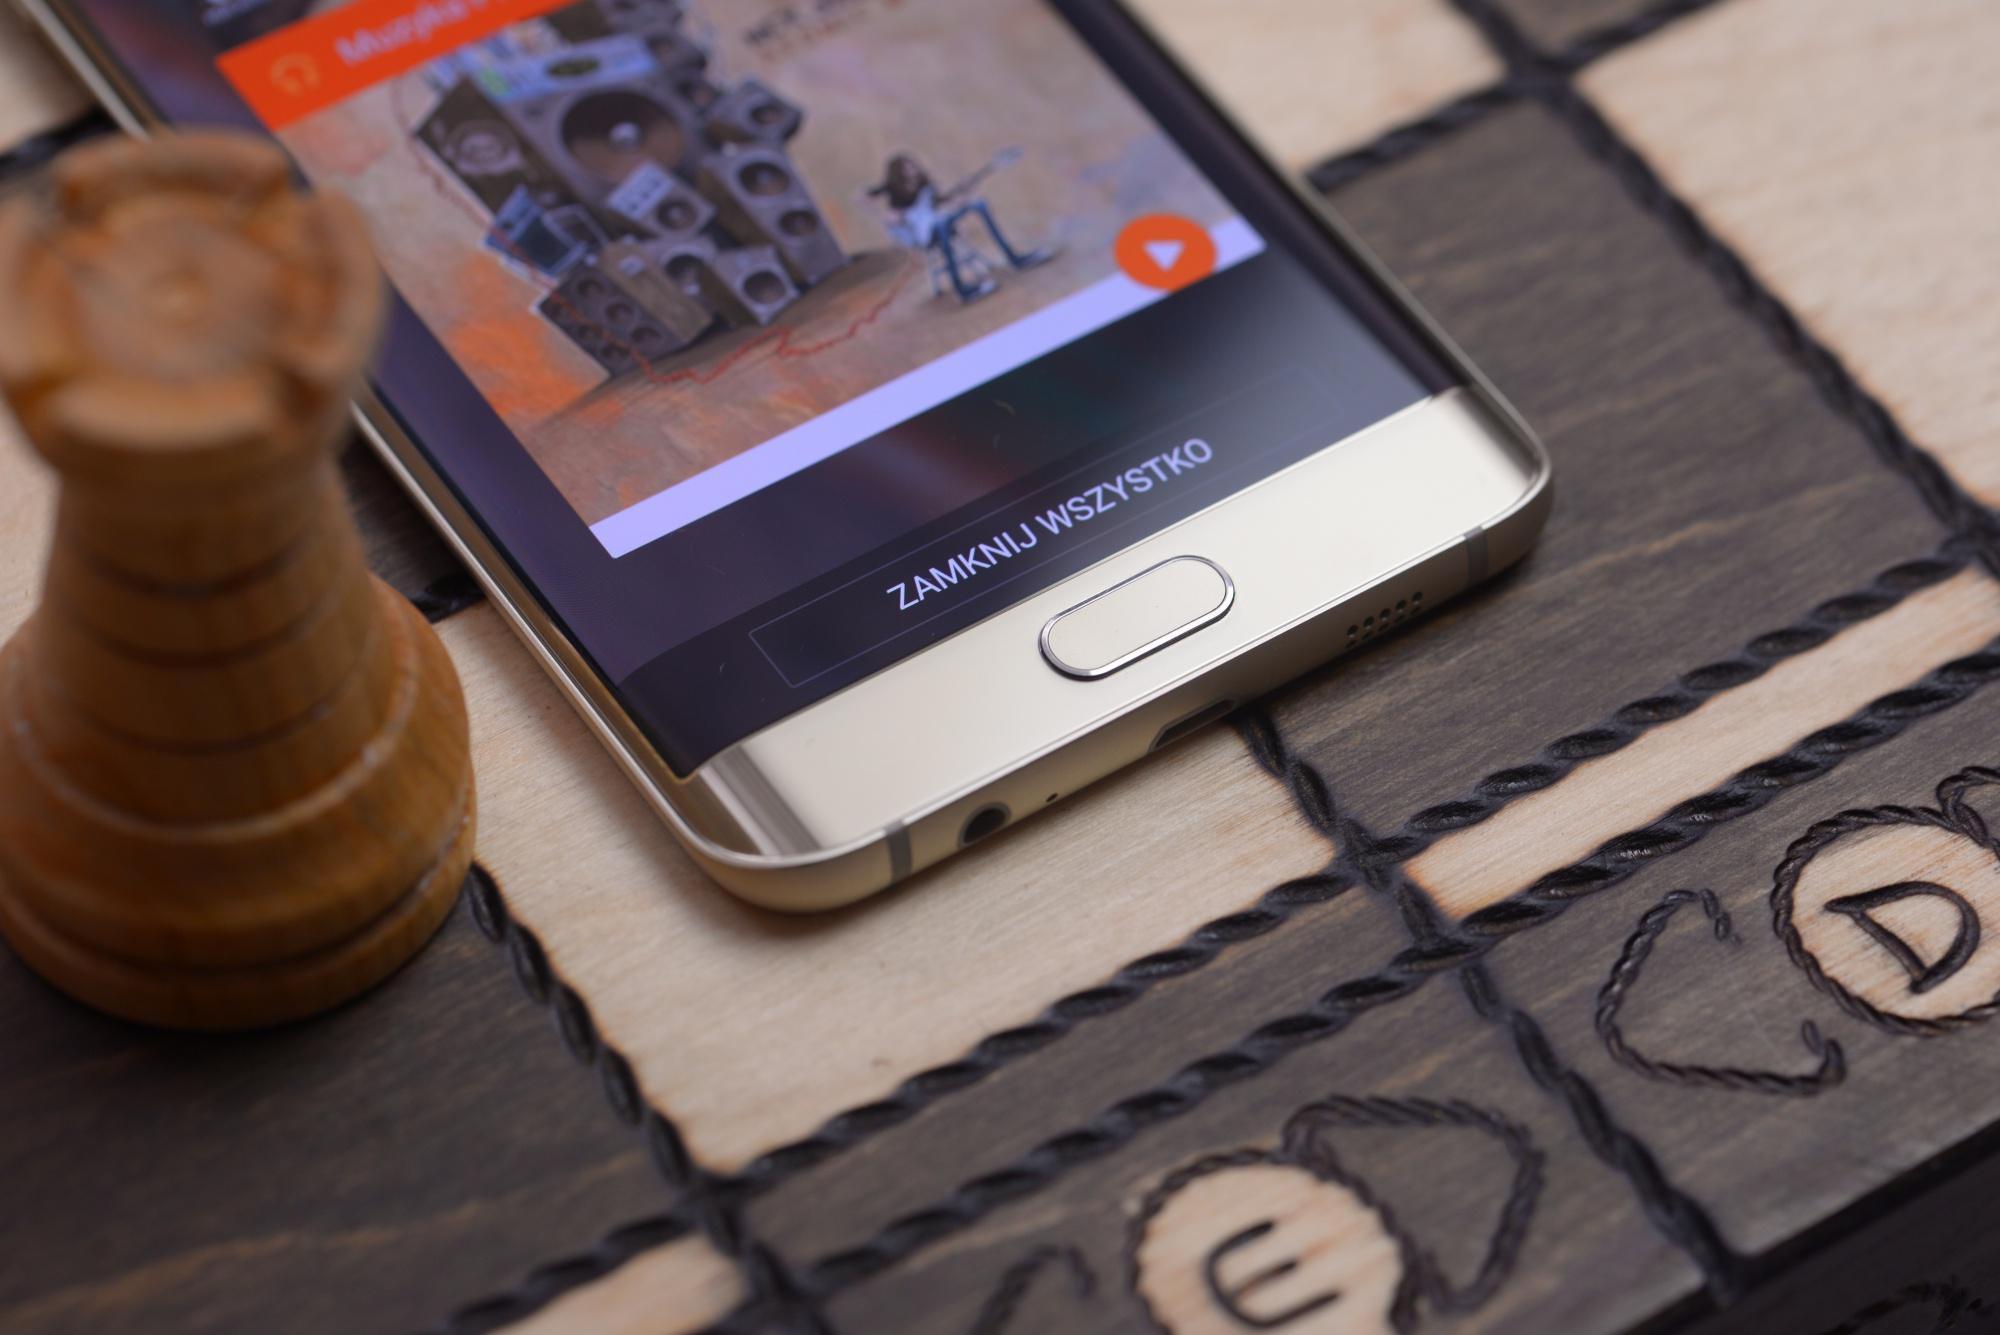 Już nie warto kupować Galaxy S6 czy S6 Edge. Samsung znowu przespał okazję, by być jak Apple